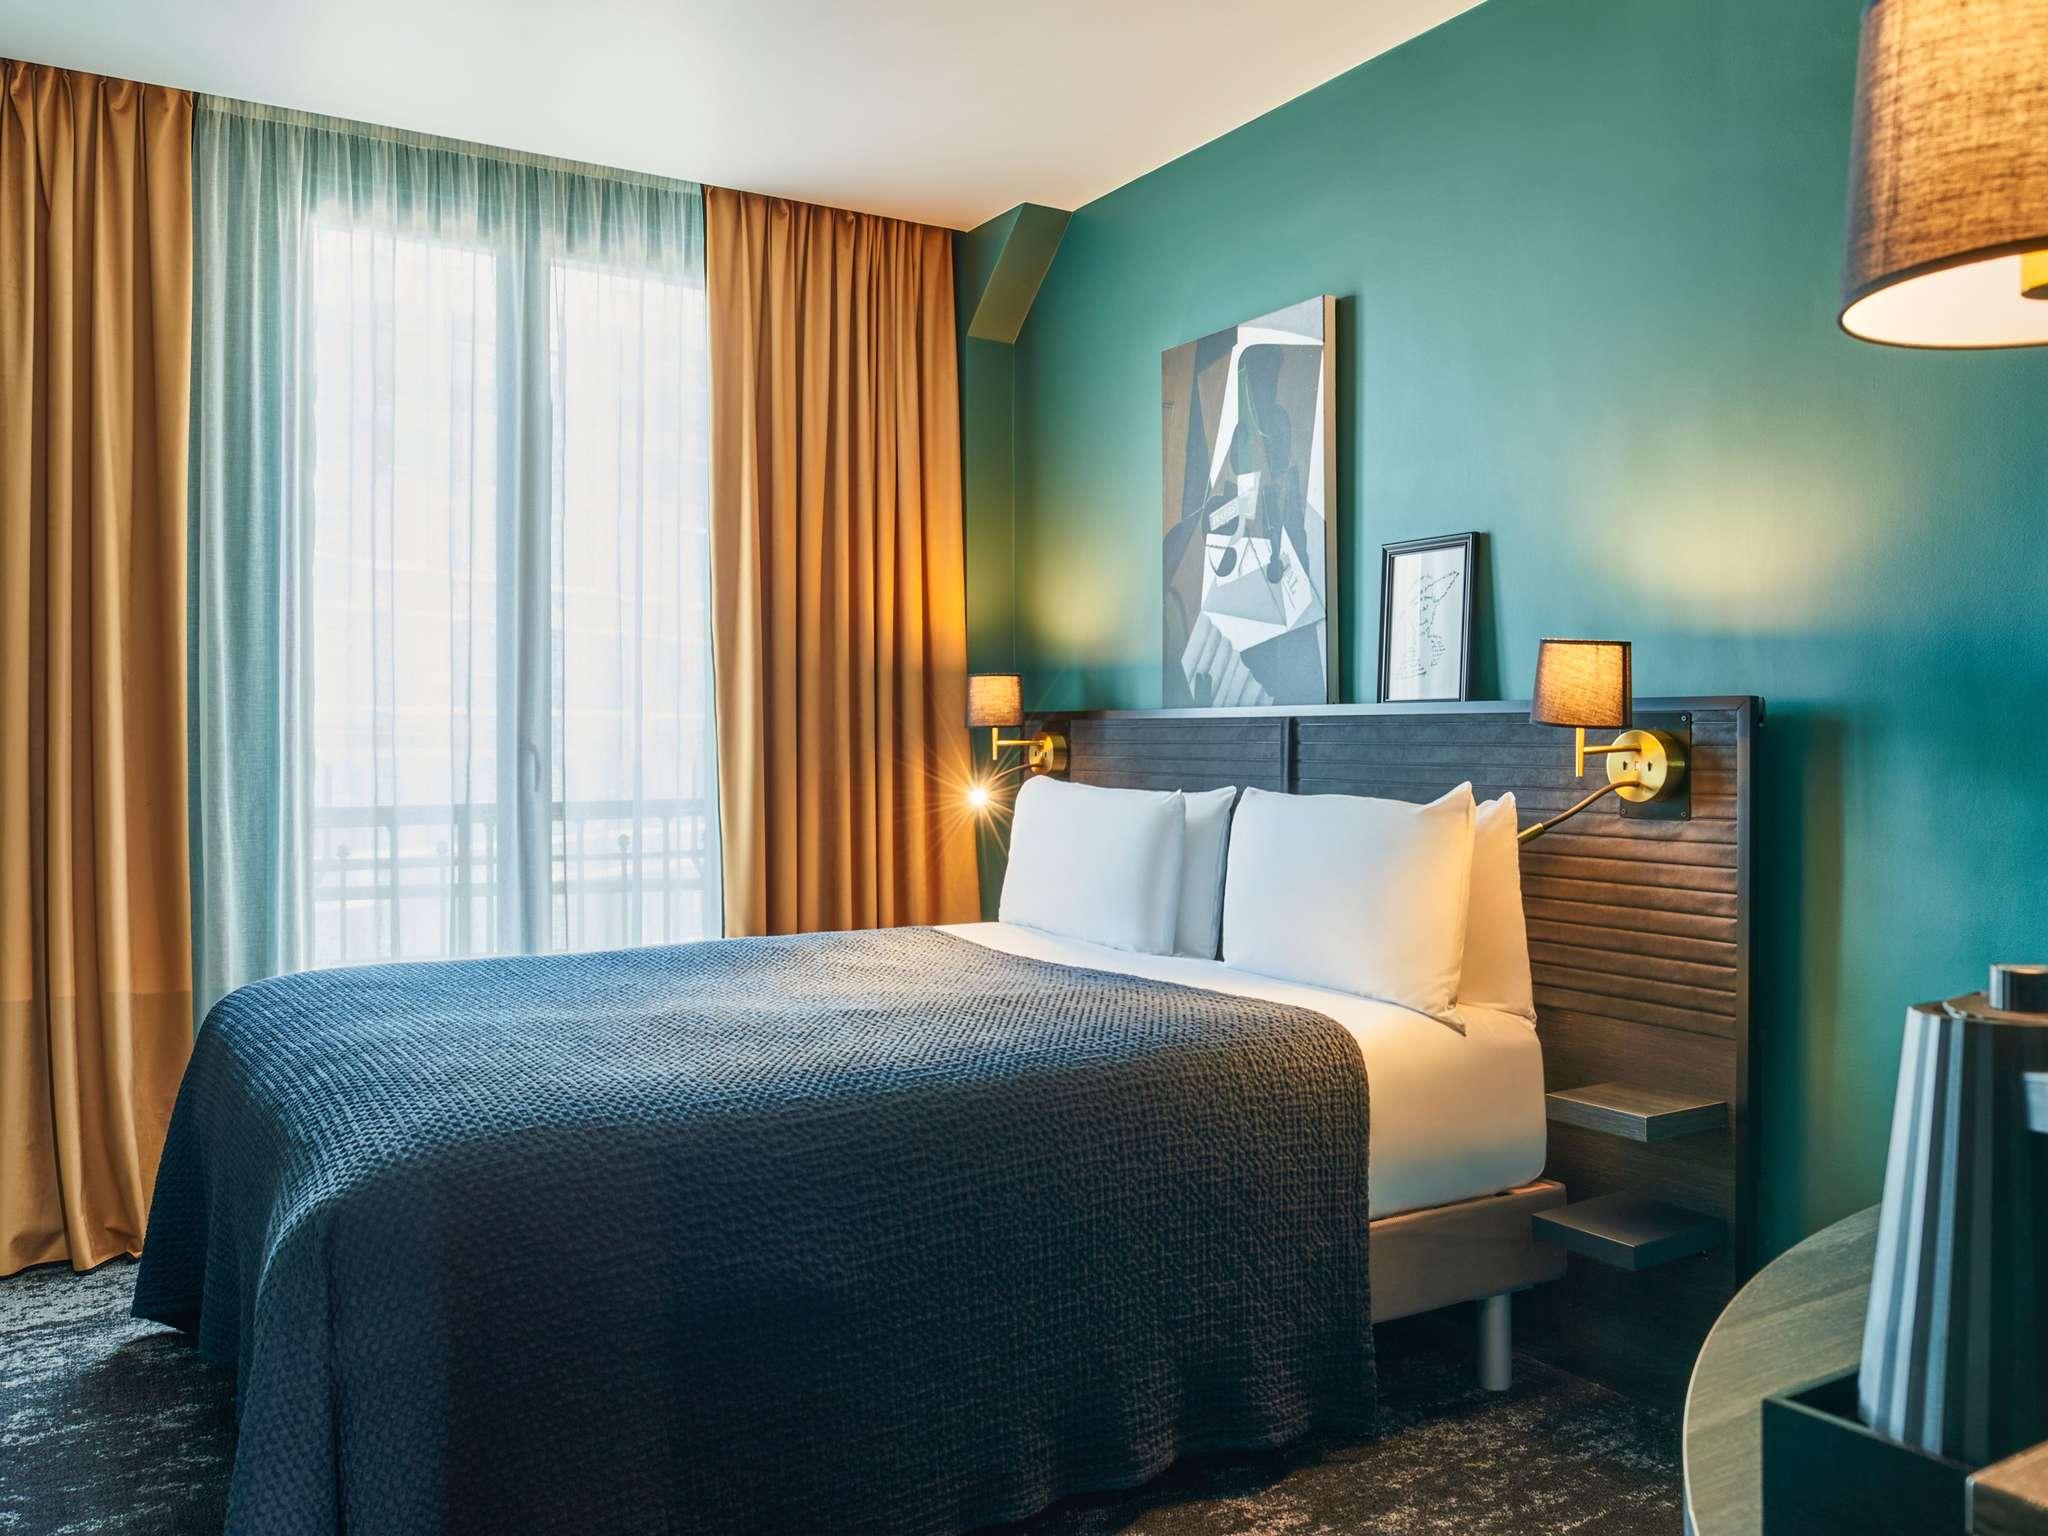 ホテル – ホテル メルキュール パリ トゥール エッフェル ポン ミラボー